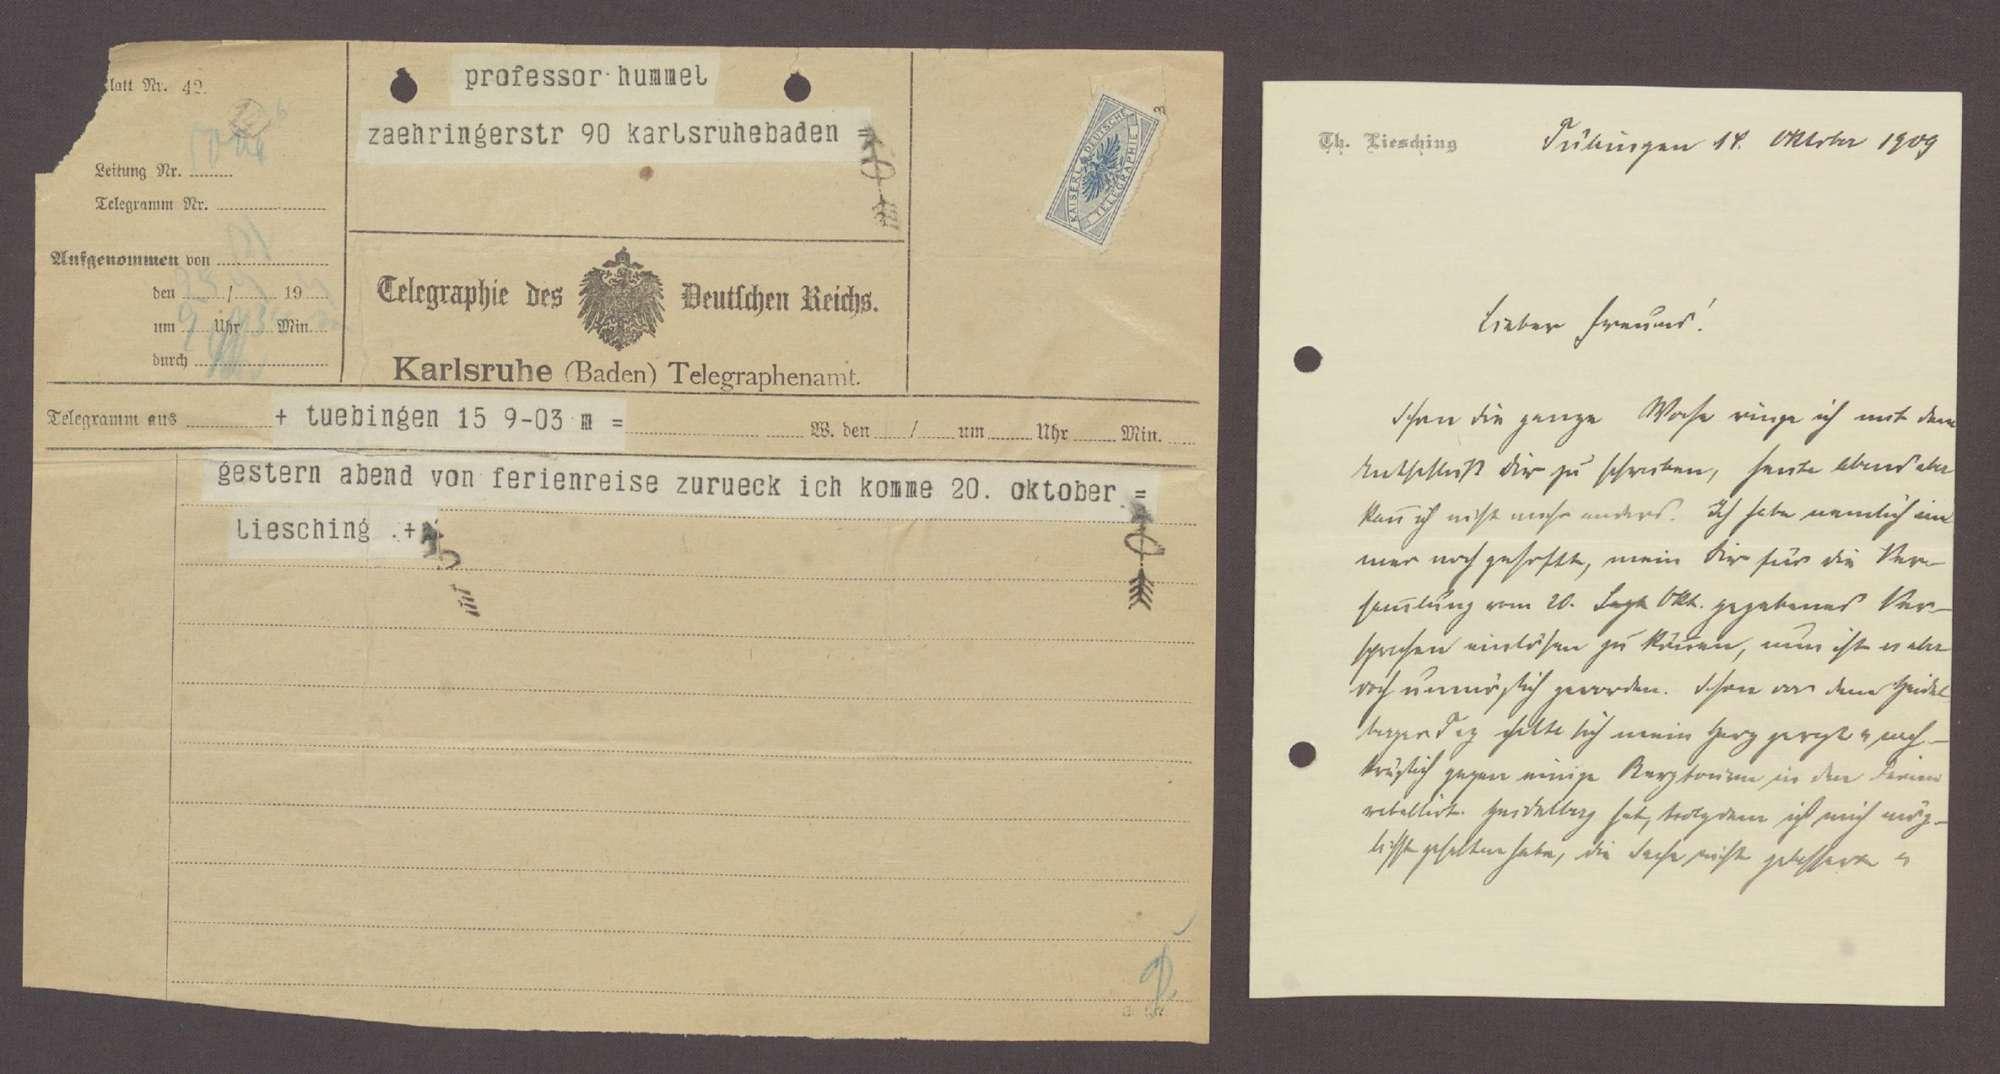 Schreiben von Theodor Liesching, Tübingen, an Hermann Hummel, Karlsruhe: Rückkehr von einer Ferienreise und Auftritt im 26. Wahlkreis, 2 Schreiben, Bild 1